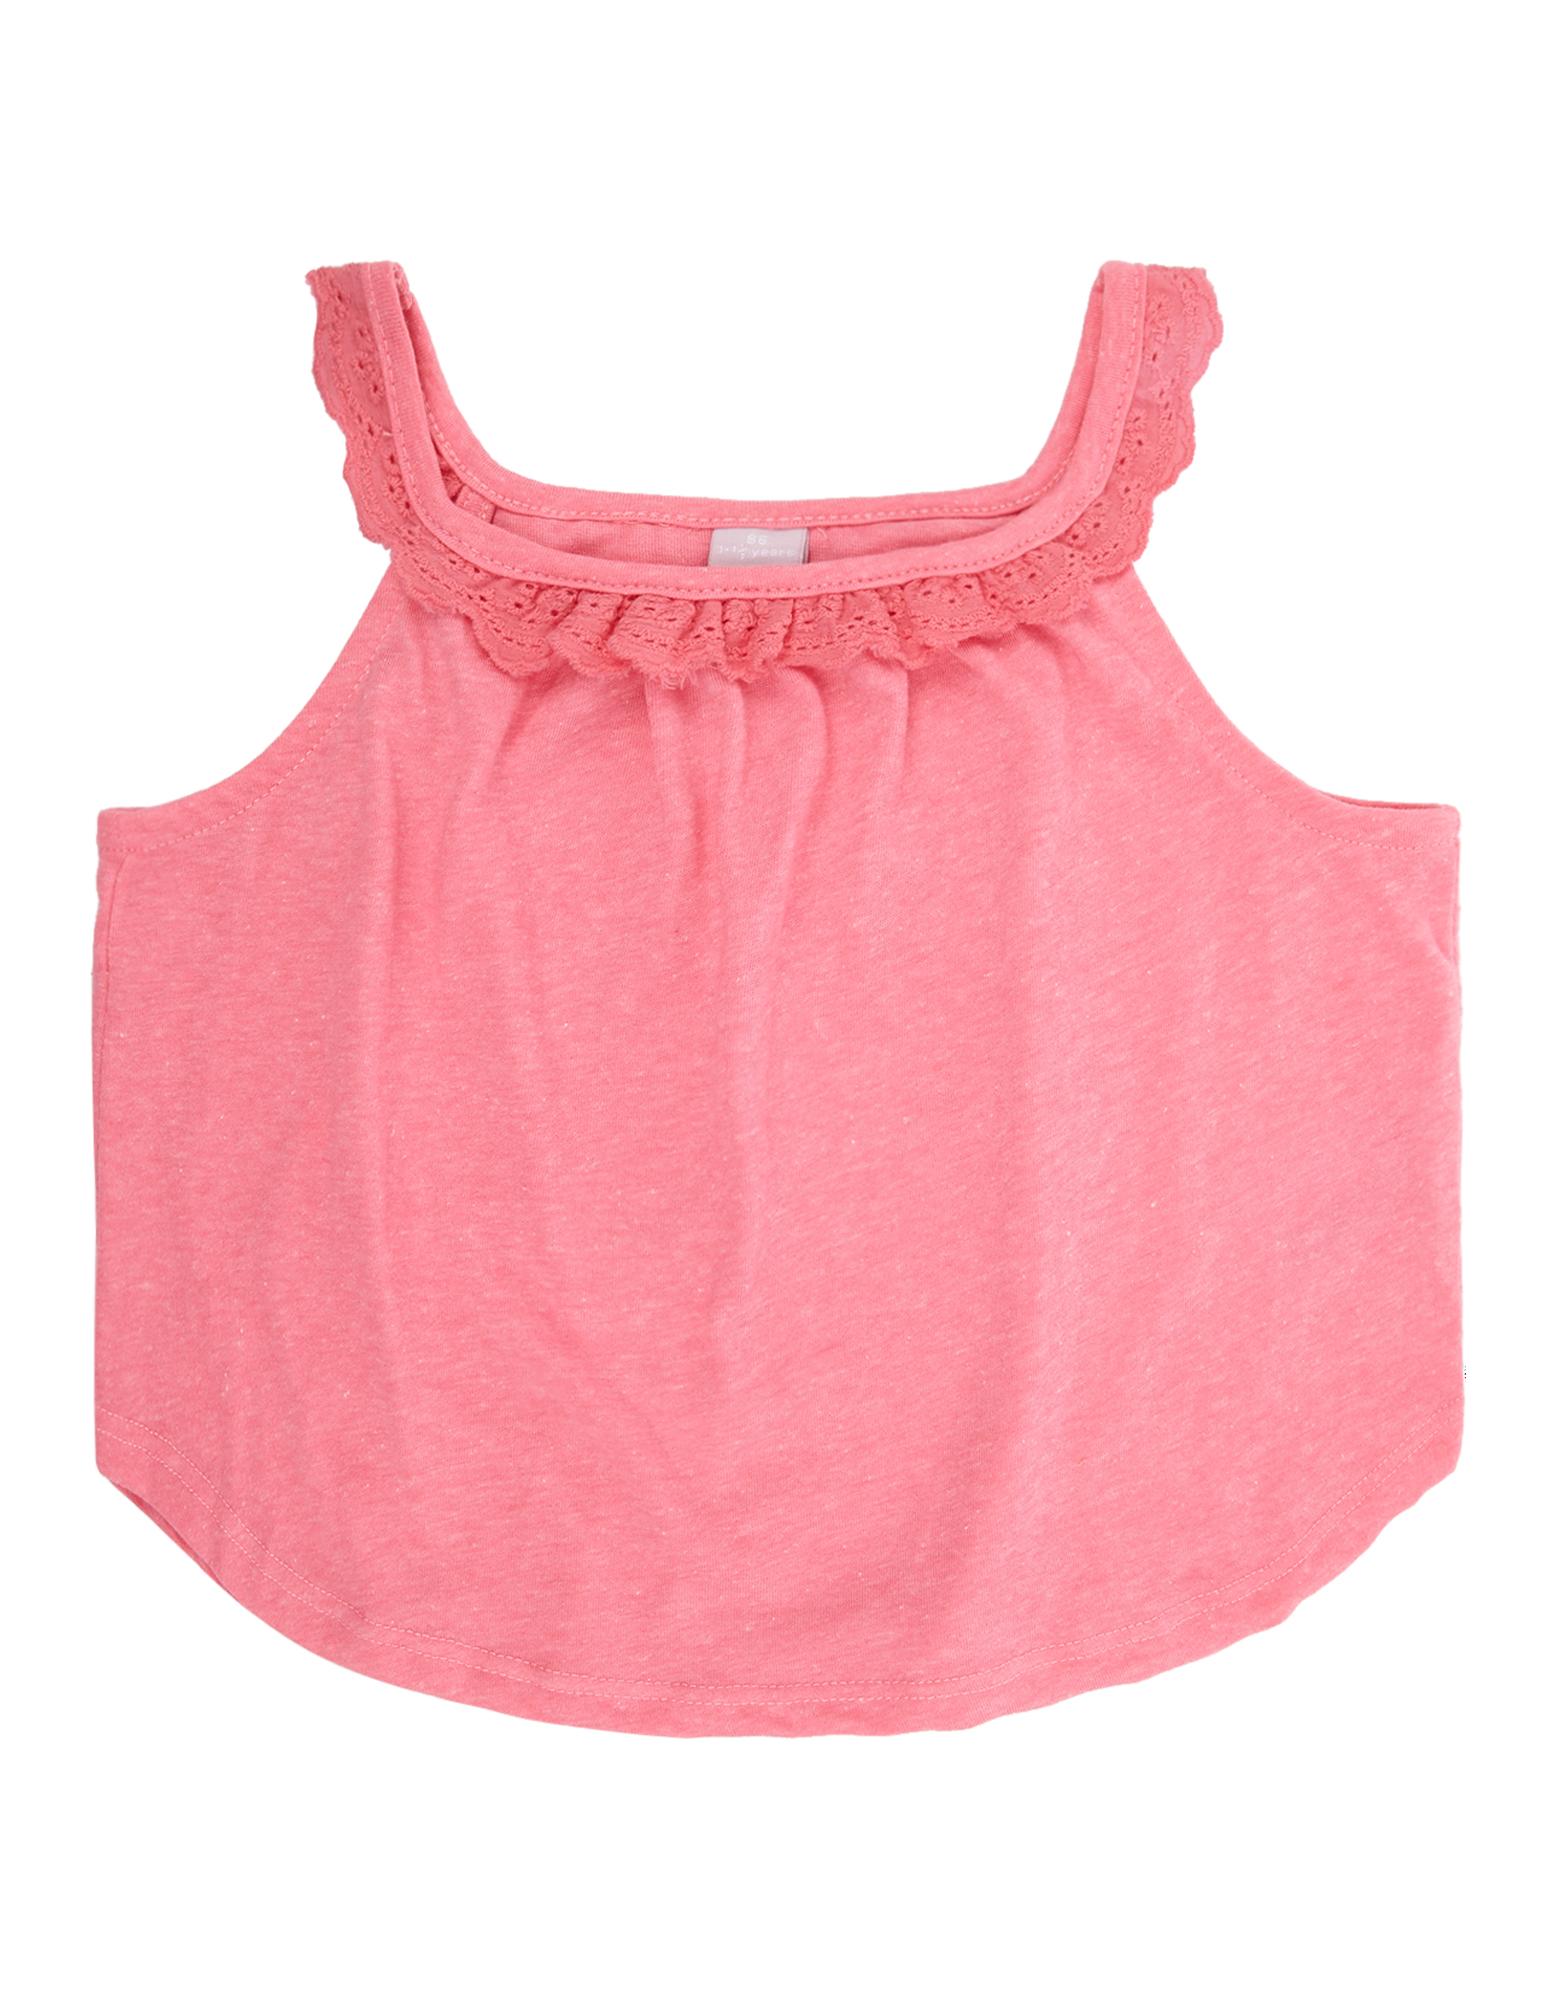 Baby Top mit Rüschenbesatz aus Lochspitze pink | 81475534480508